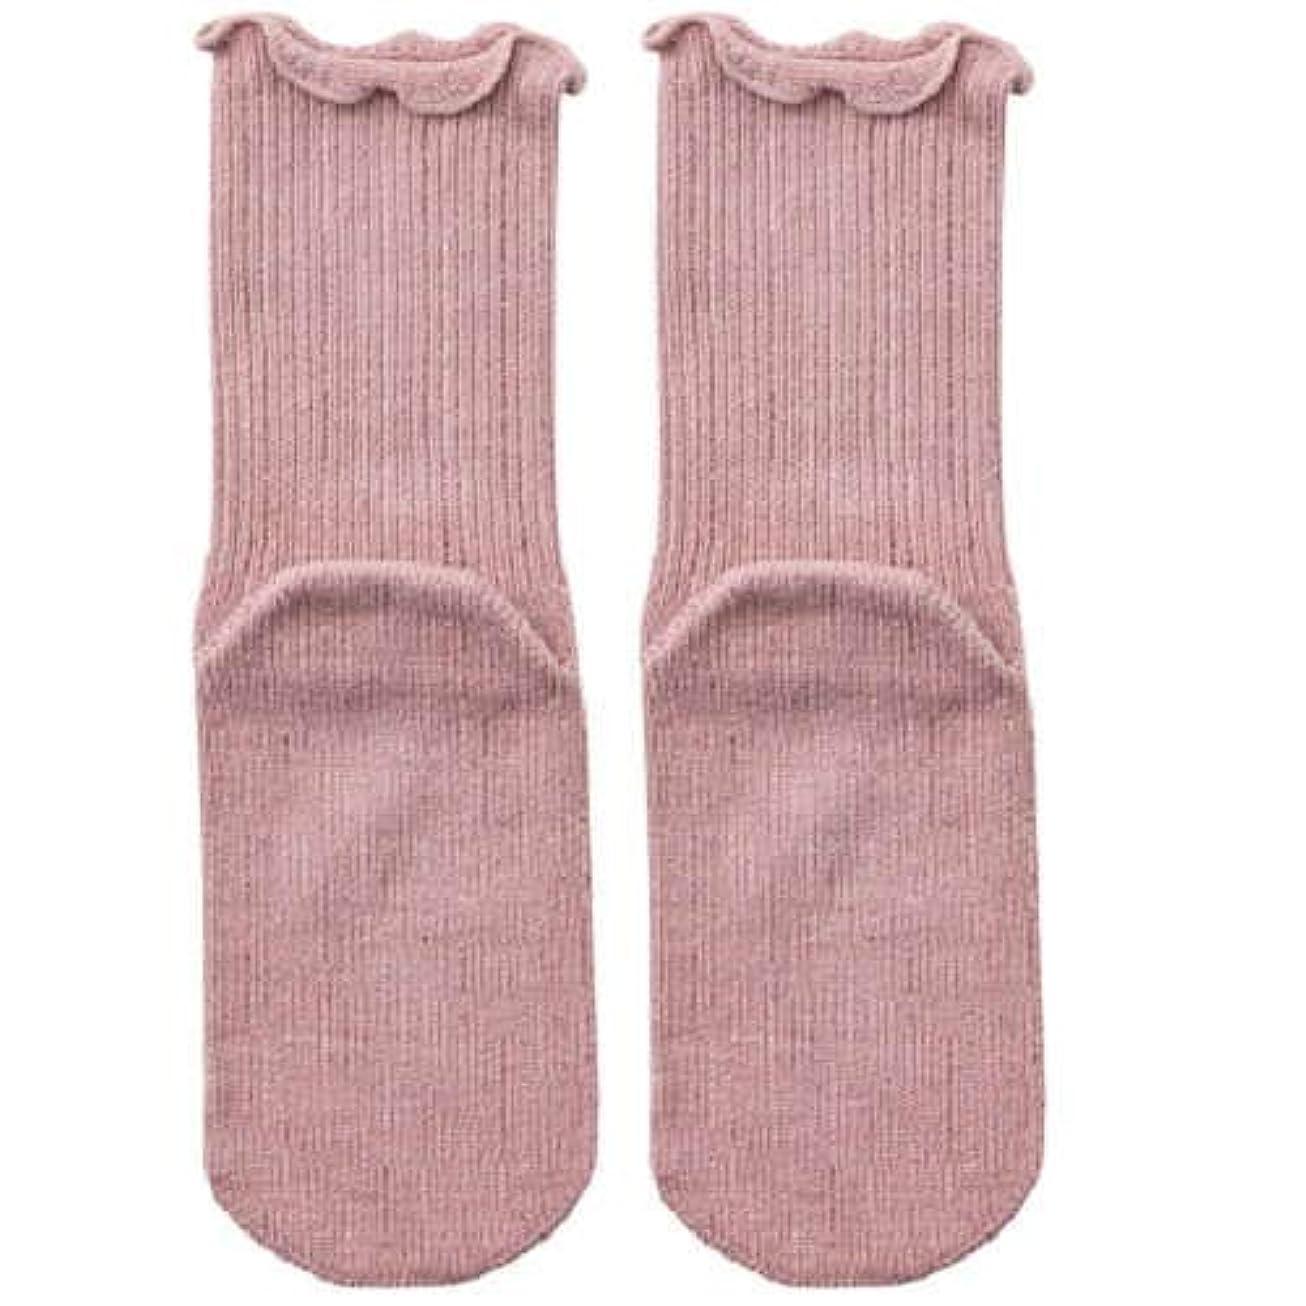 苦情文句グローバル証明【むくみ】【骨折】 男女兼用 極上しめつけません 特大サイズ 靴下 (ローズ)